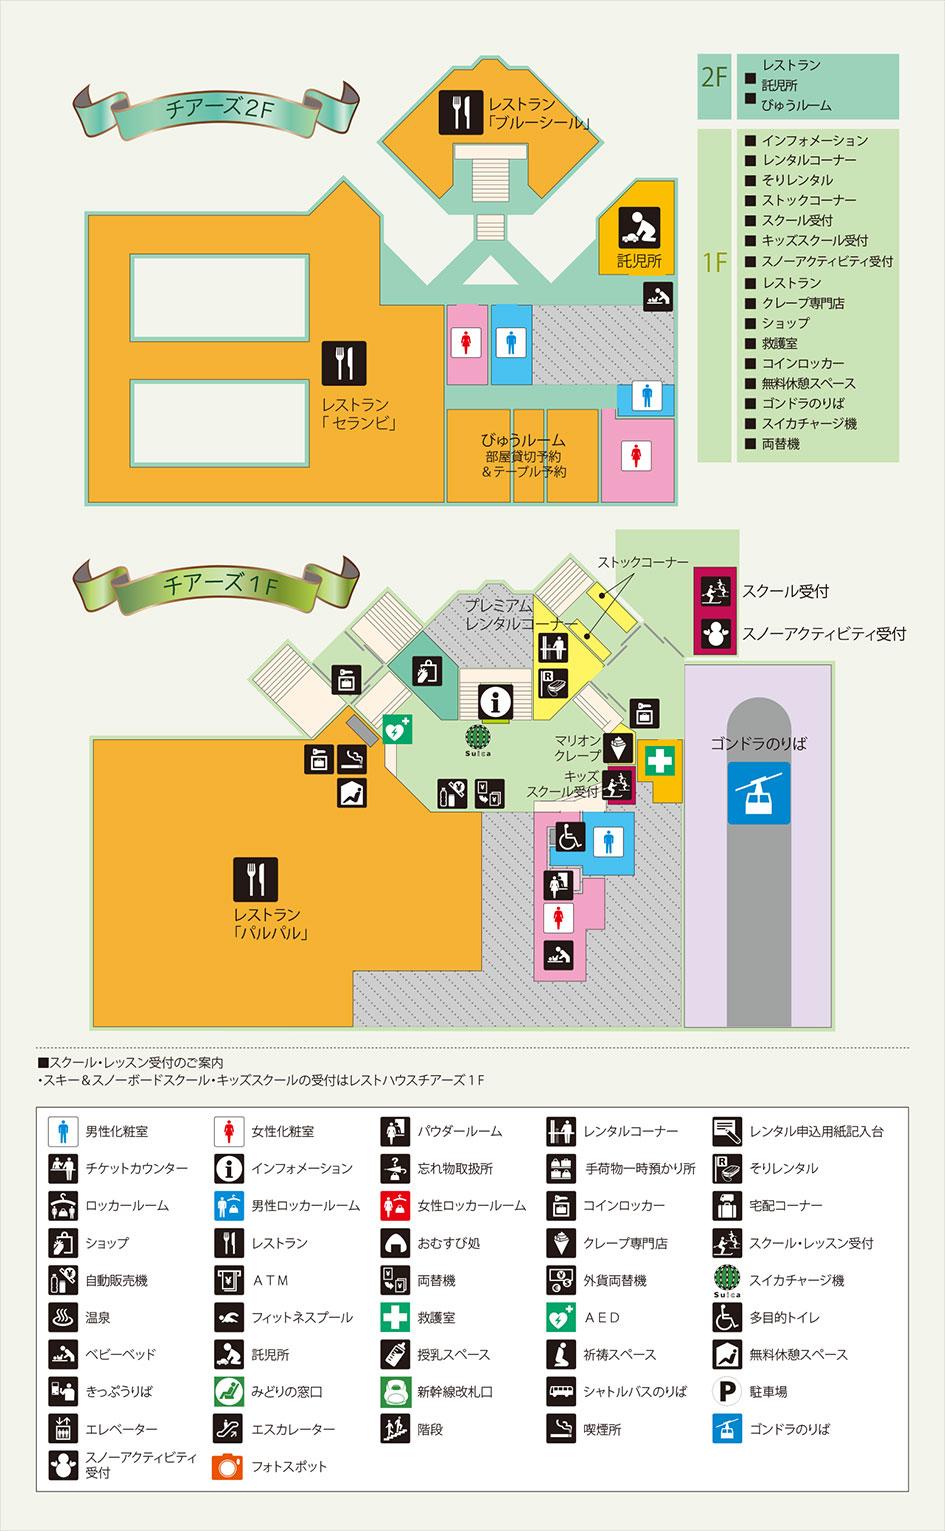 レストハウス「チアーズ」FLOOR MAP